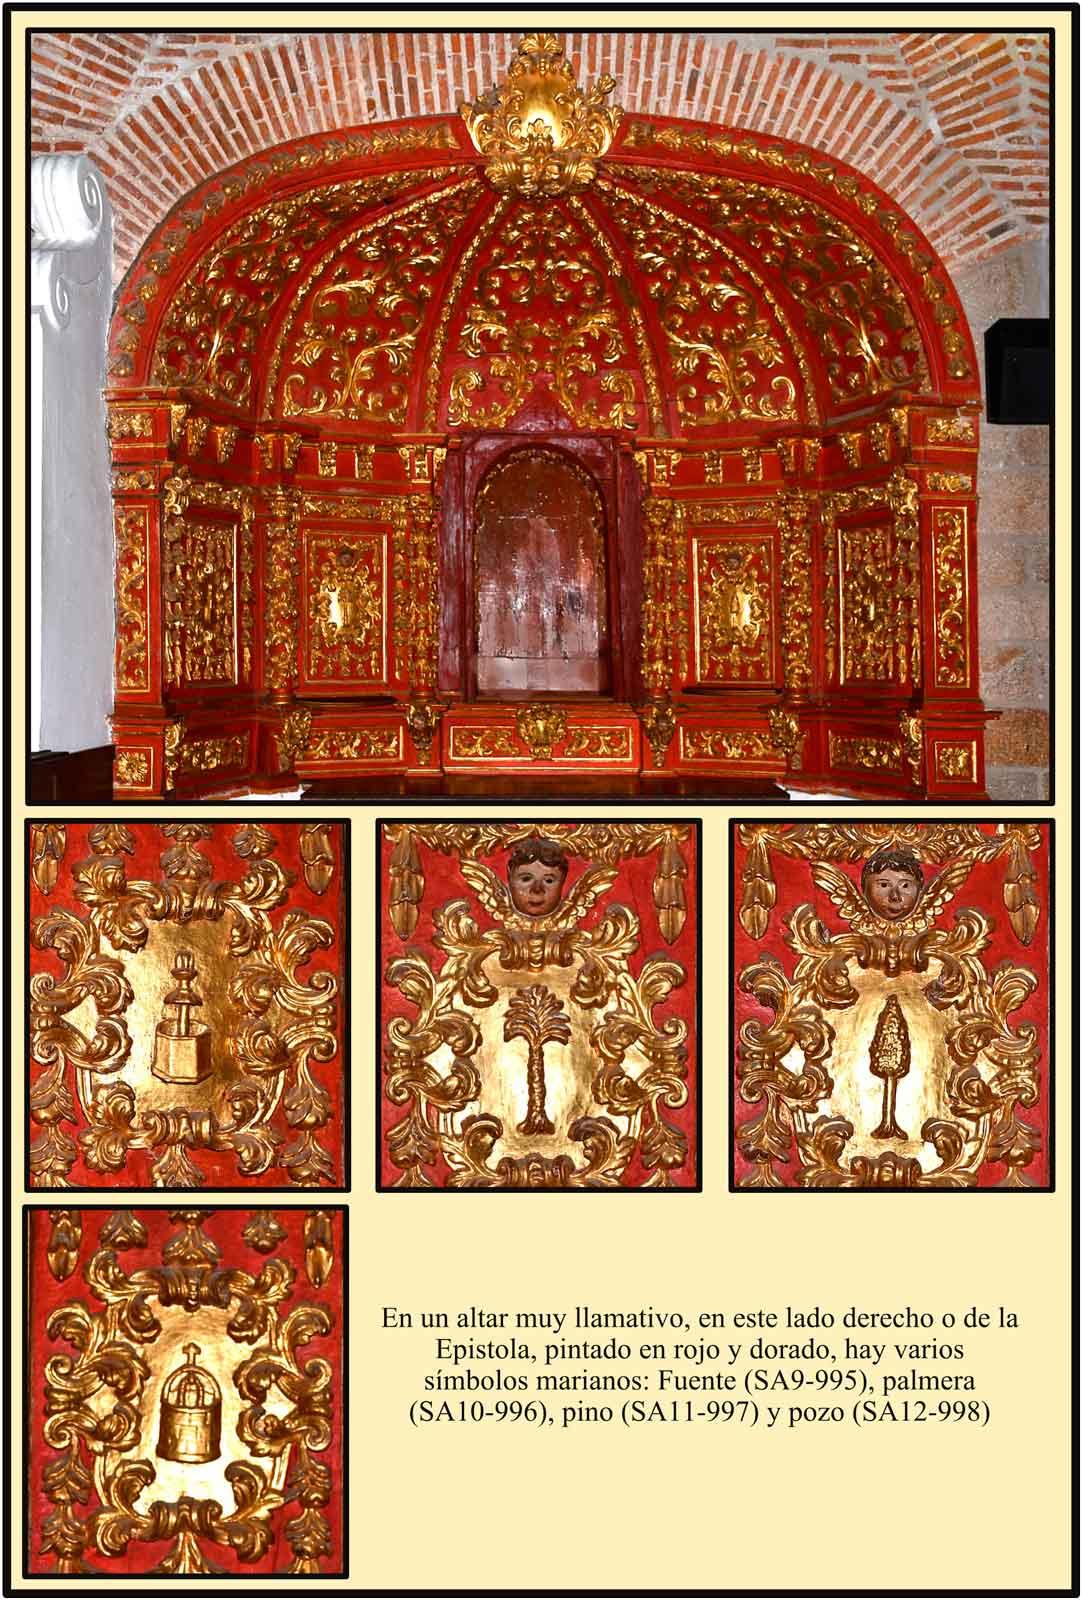 Plasencia Santa Ana Simbolos marianos en una capilla lateral del convento de los Jesuitas